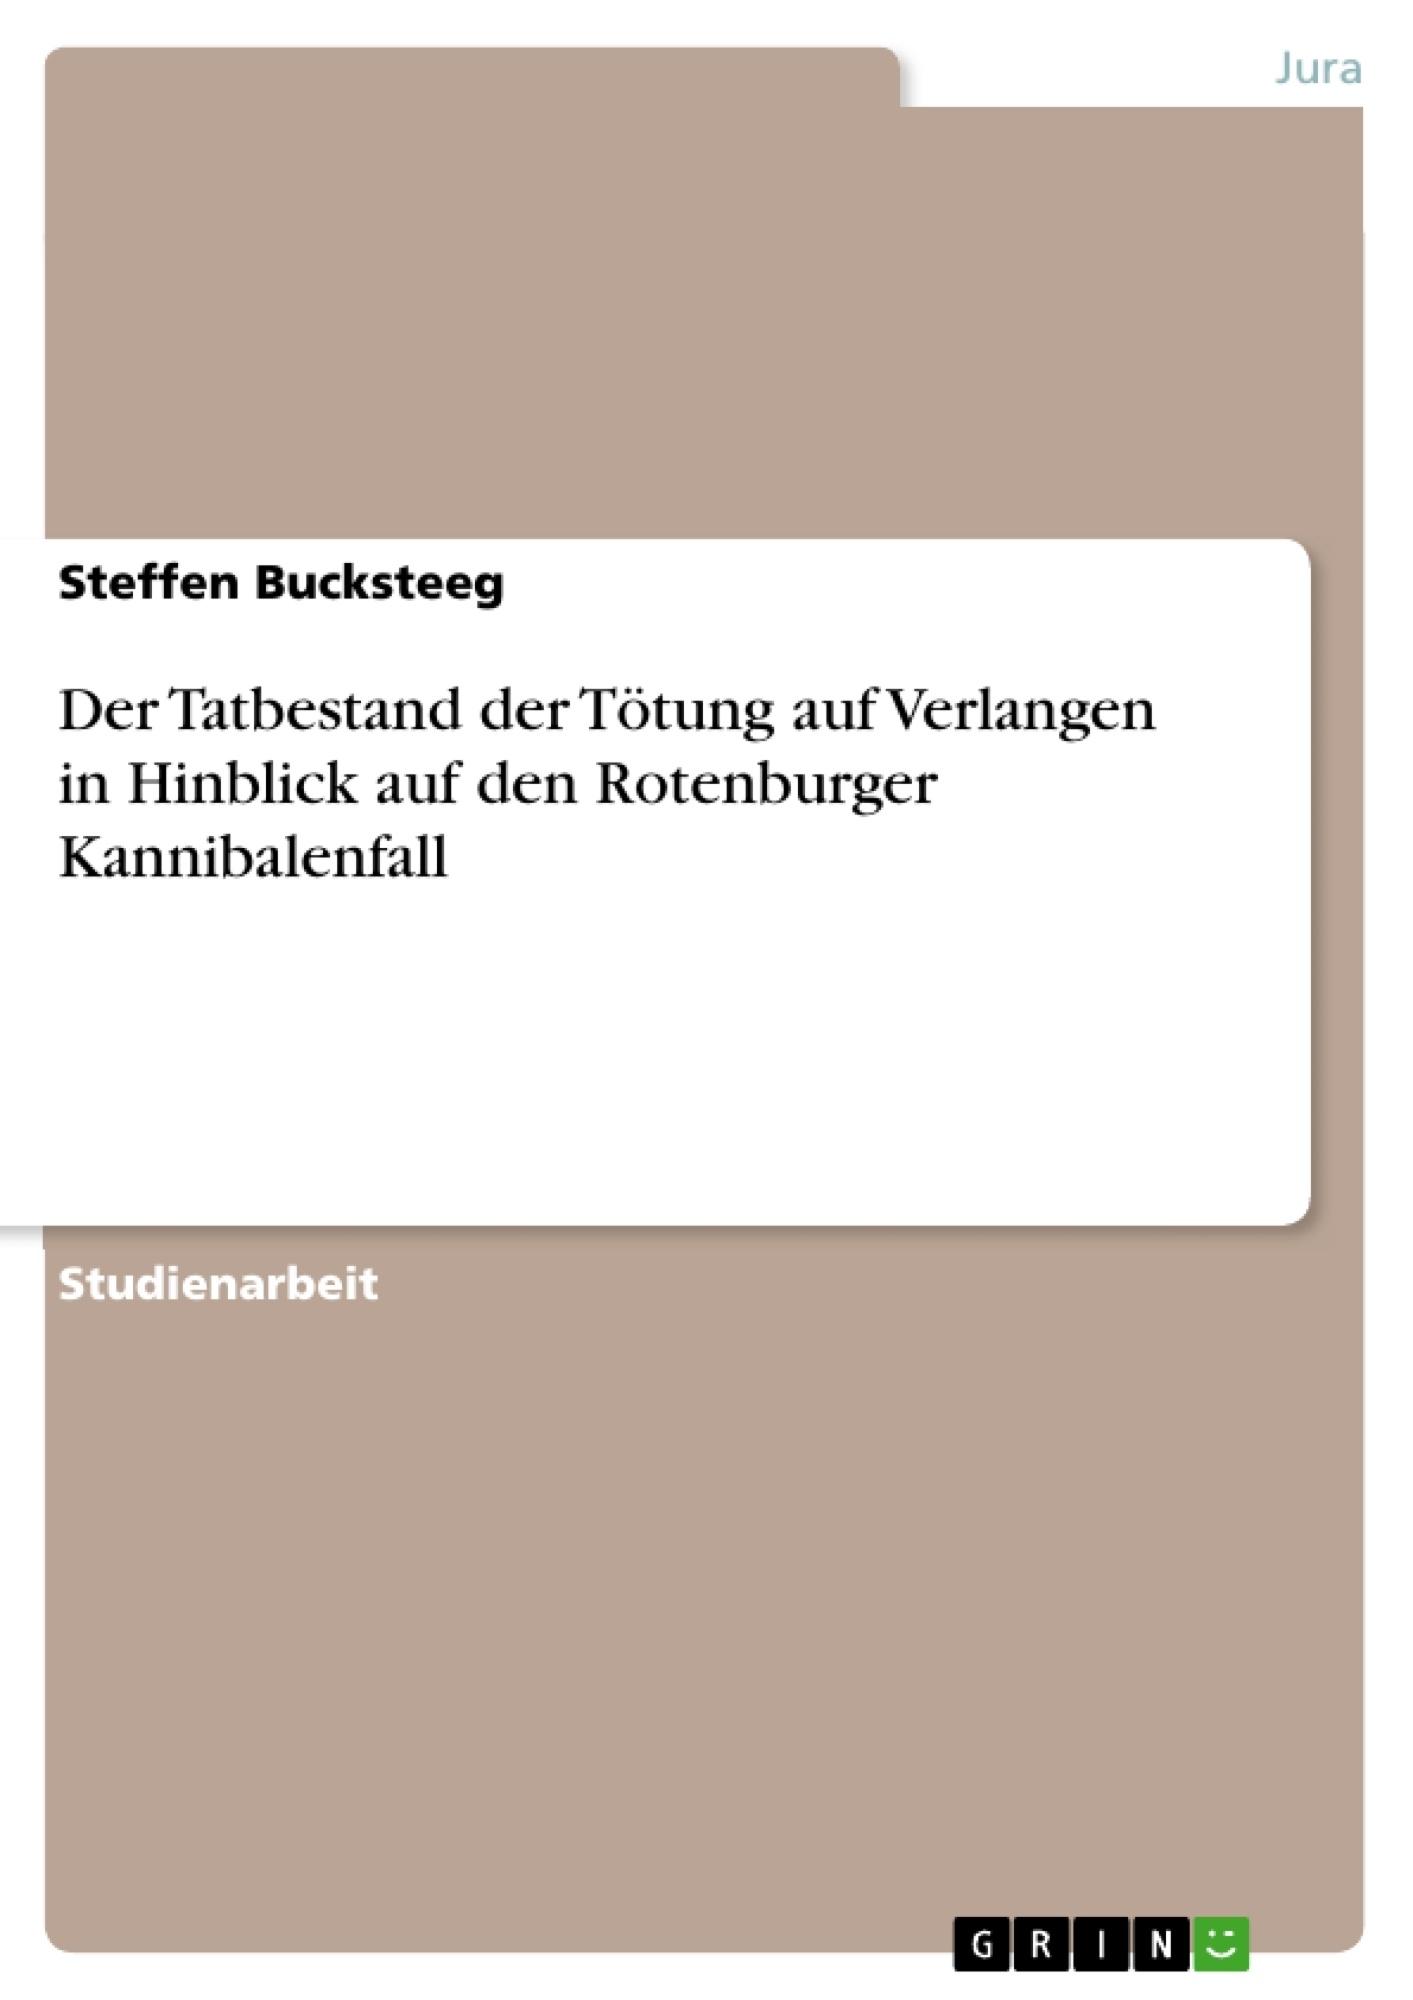 Titel: Der Tatbestand der Tötung auf Verlangen in Hinblick auf den Rotenburger Kannibalenfall